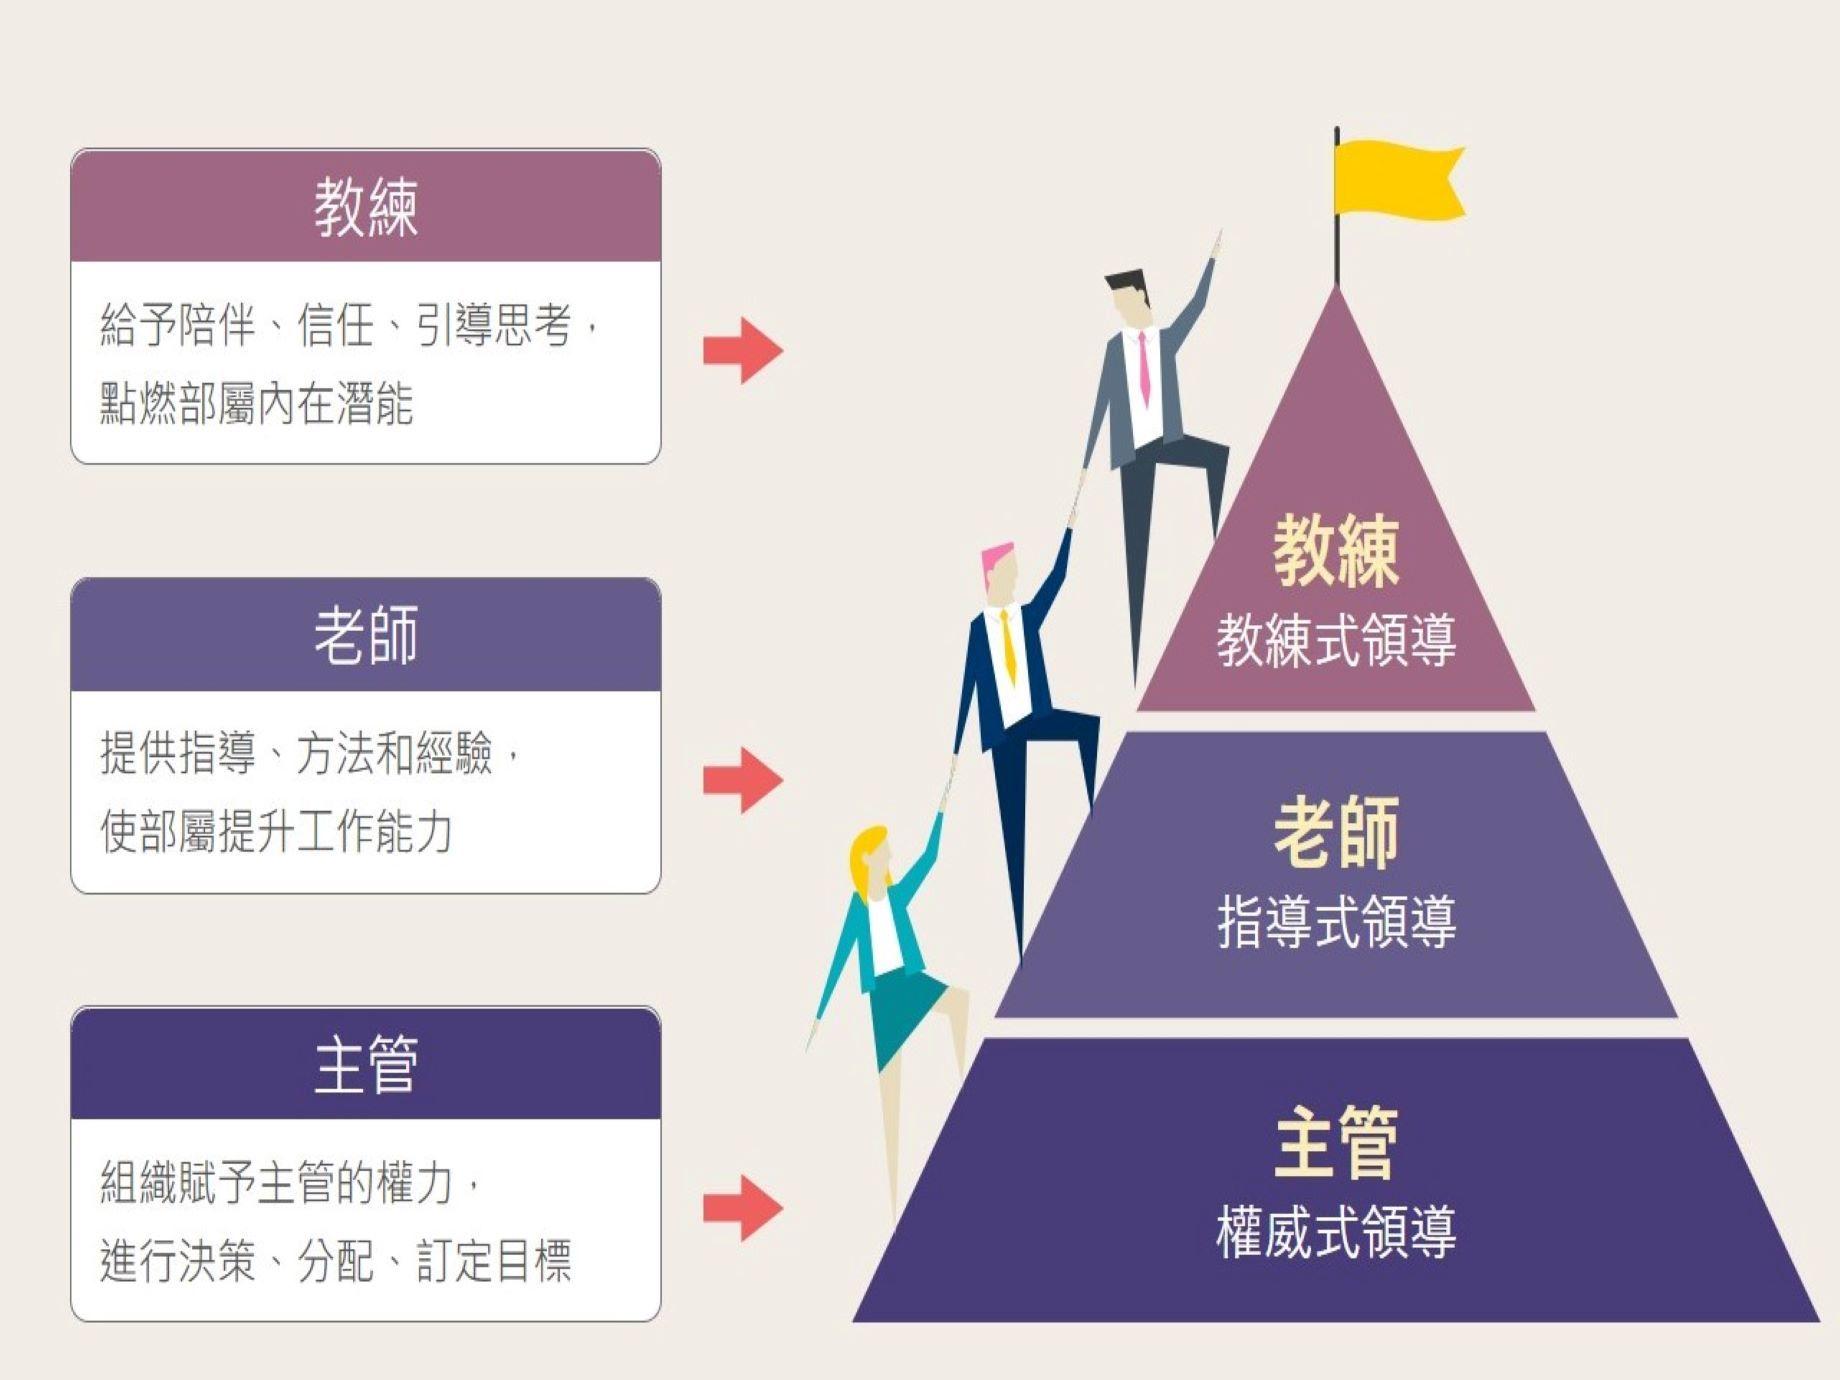 績效達標不代表你是好主管!真正走向成功的領導者,必須扮演這3大角色